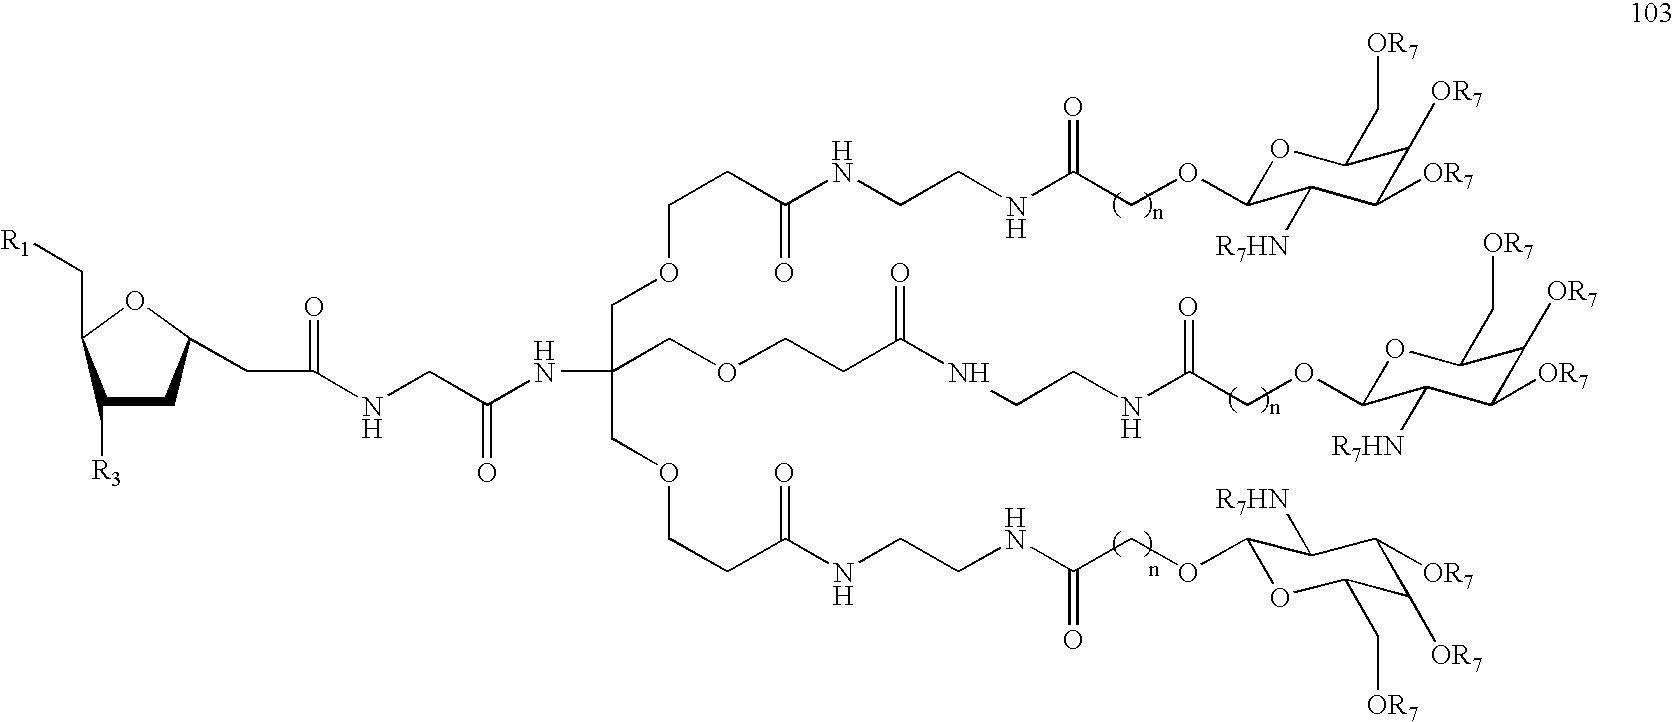 Figure US20040192626A1-20040930-C00057